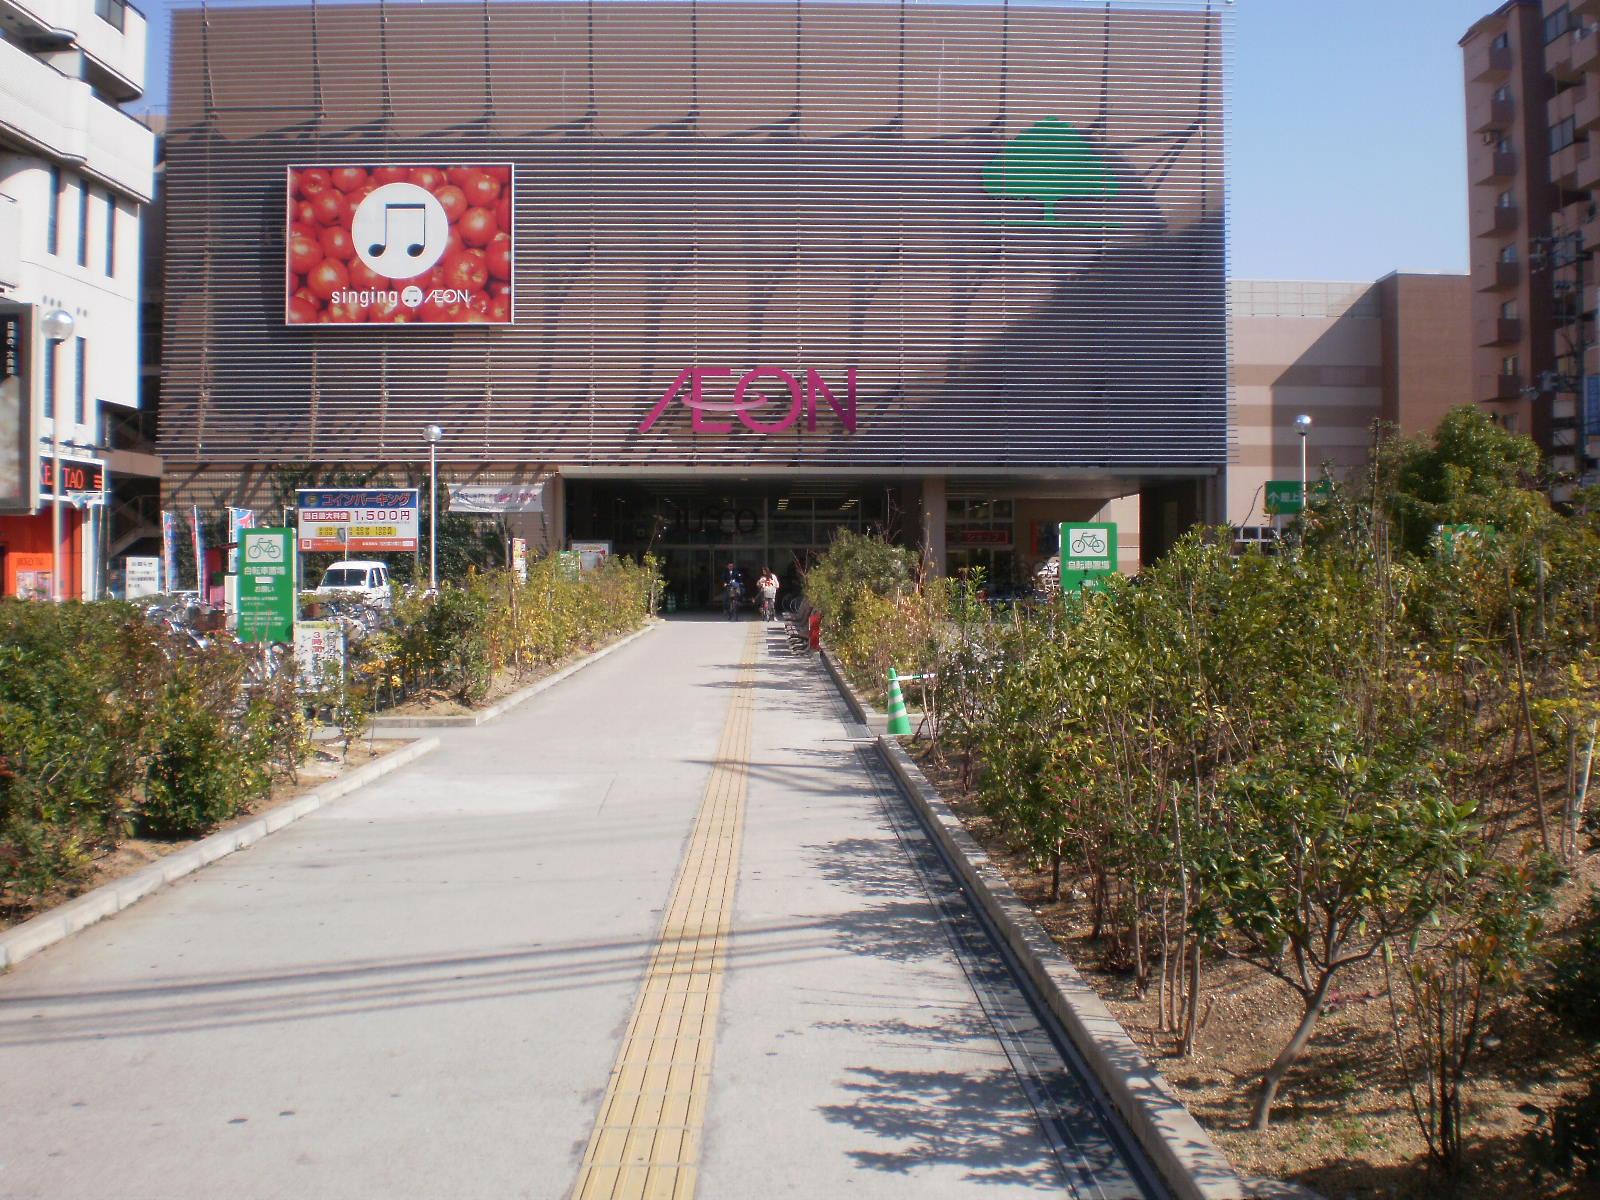 ショッピングセンター ライトオン喜連瓜破イオン店(ショッピングセンター)まで1168m